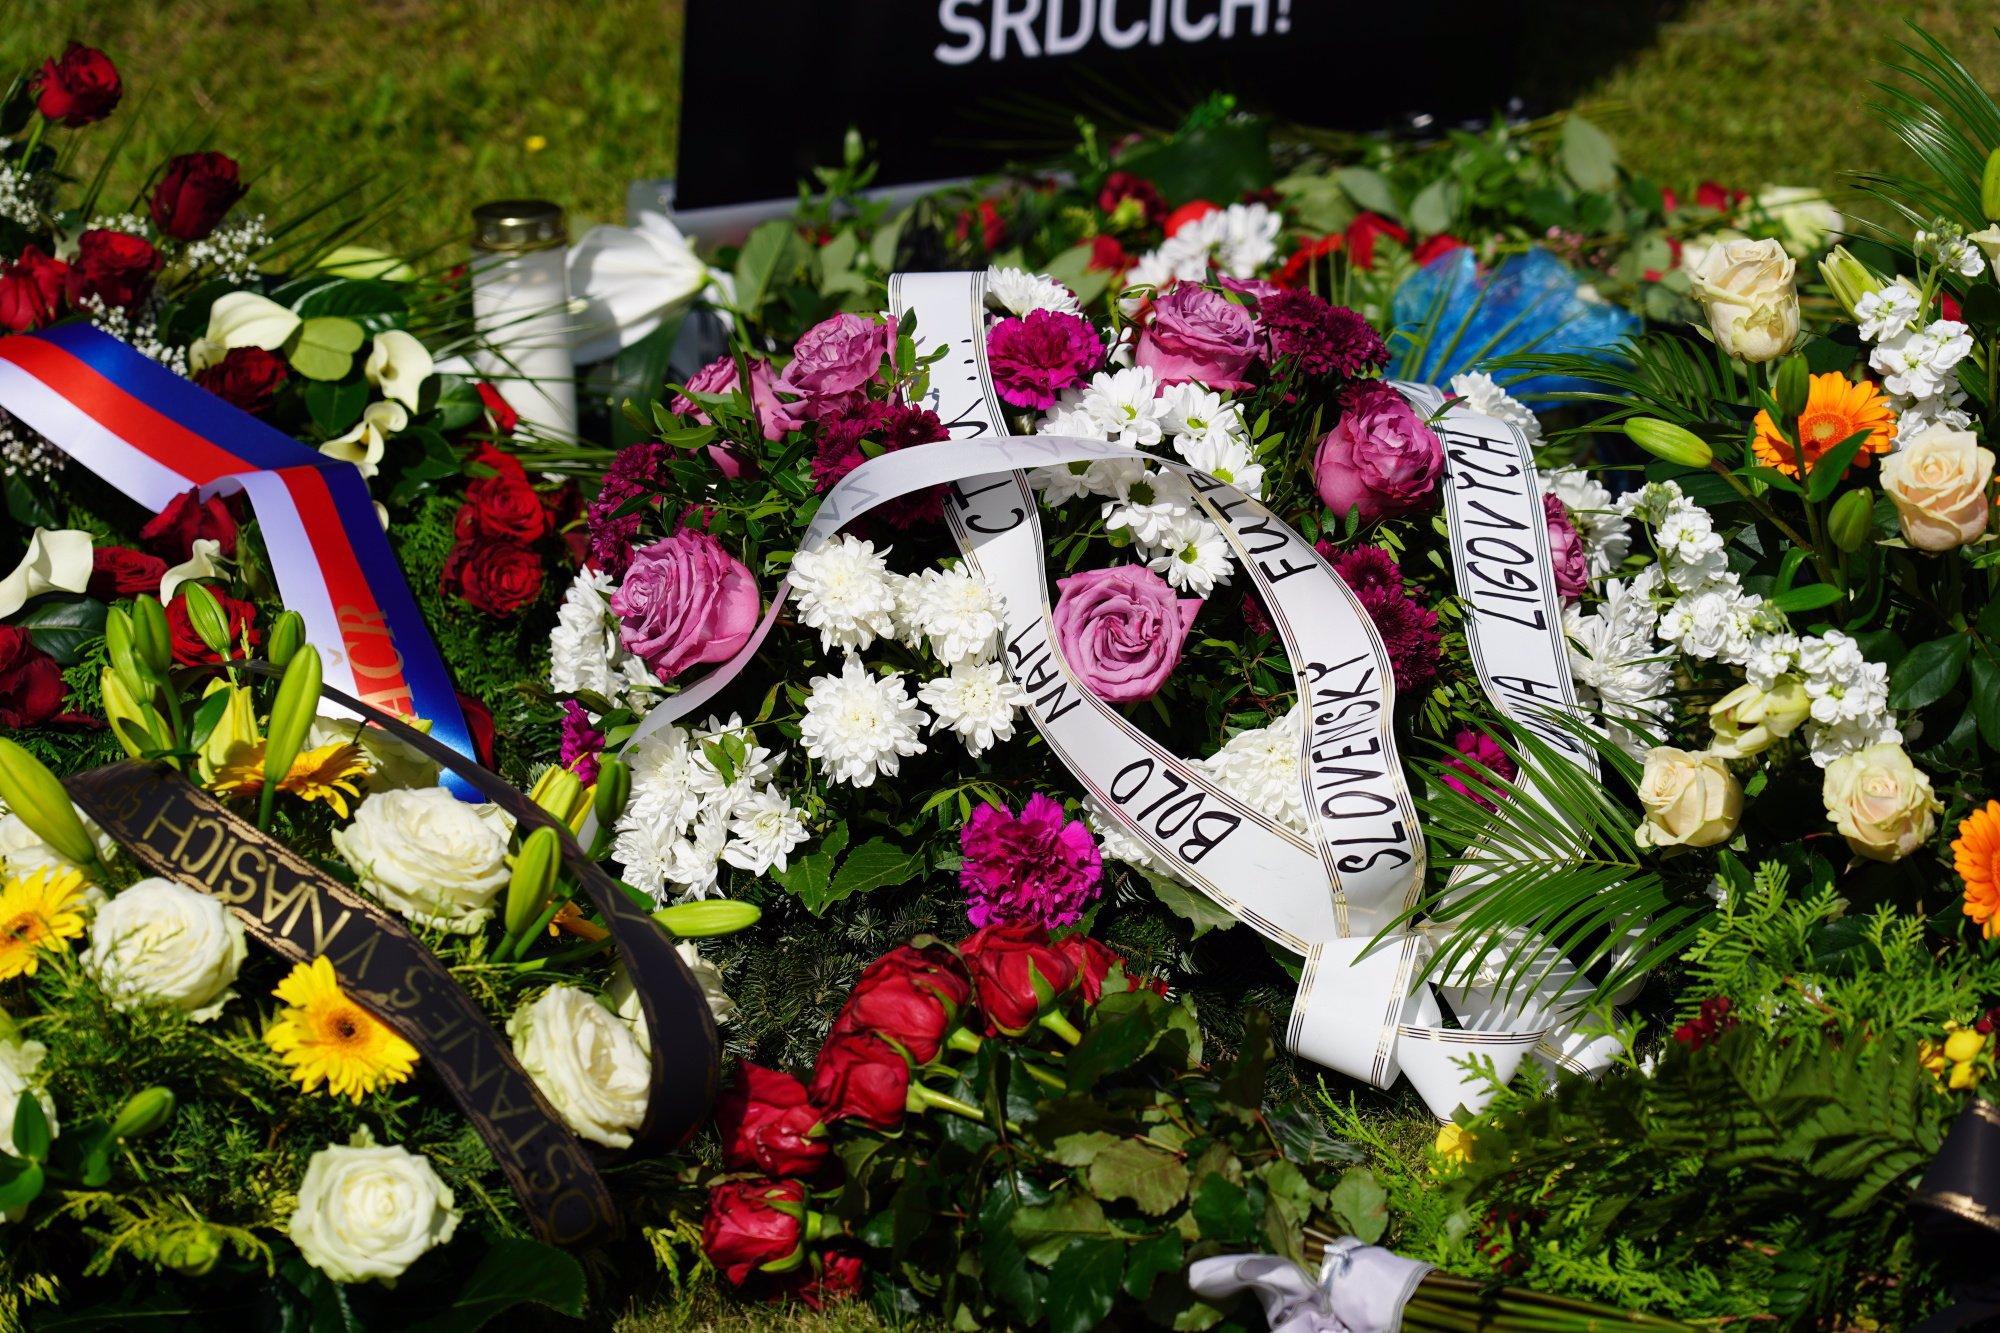 Naprosto nevhodný outfit na pohřbu Čišovského: Manželka Zemana vynesla tenisky a ukázala bradavky